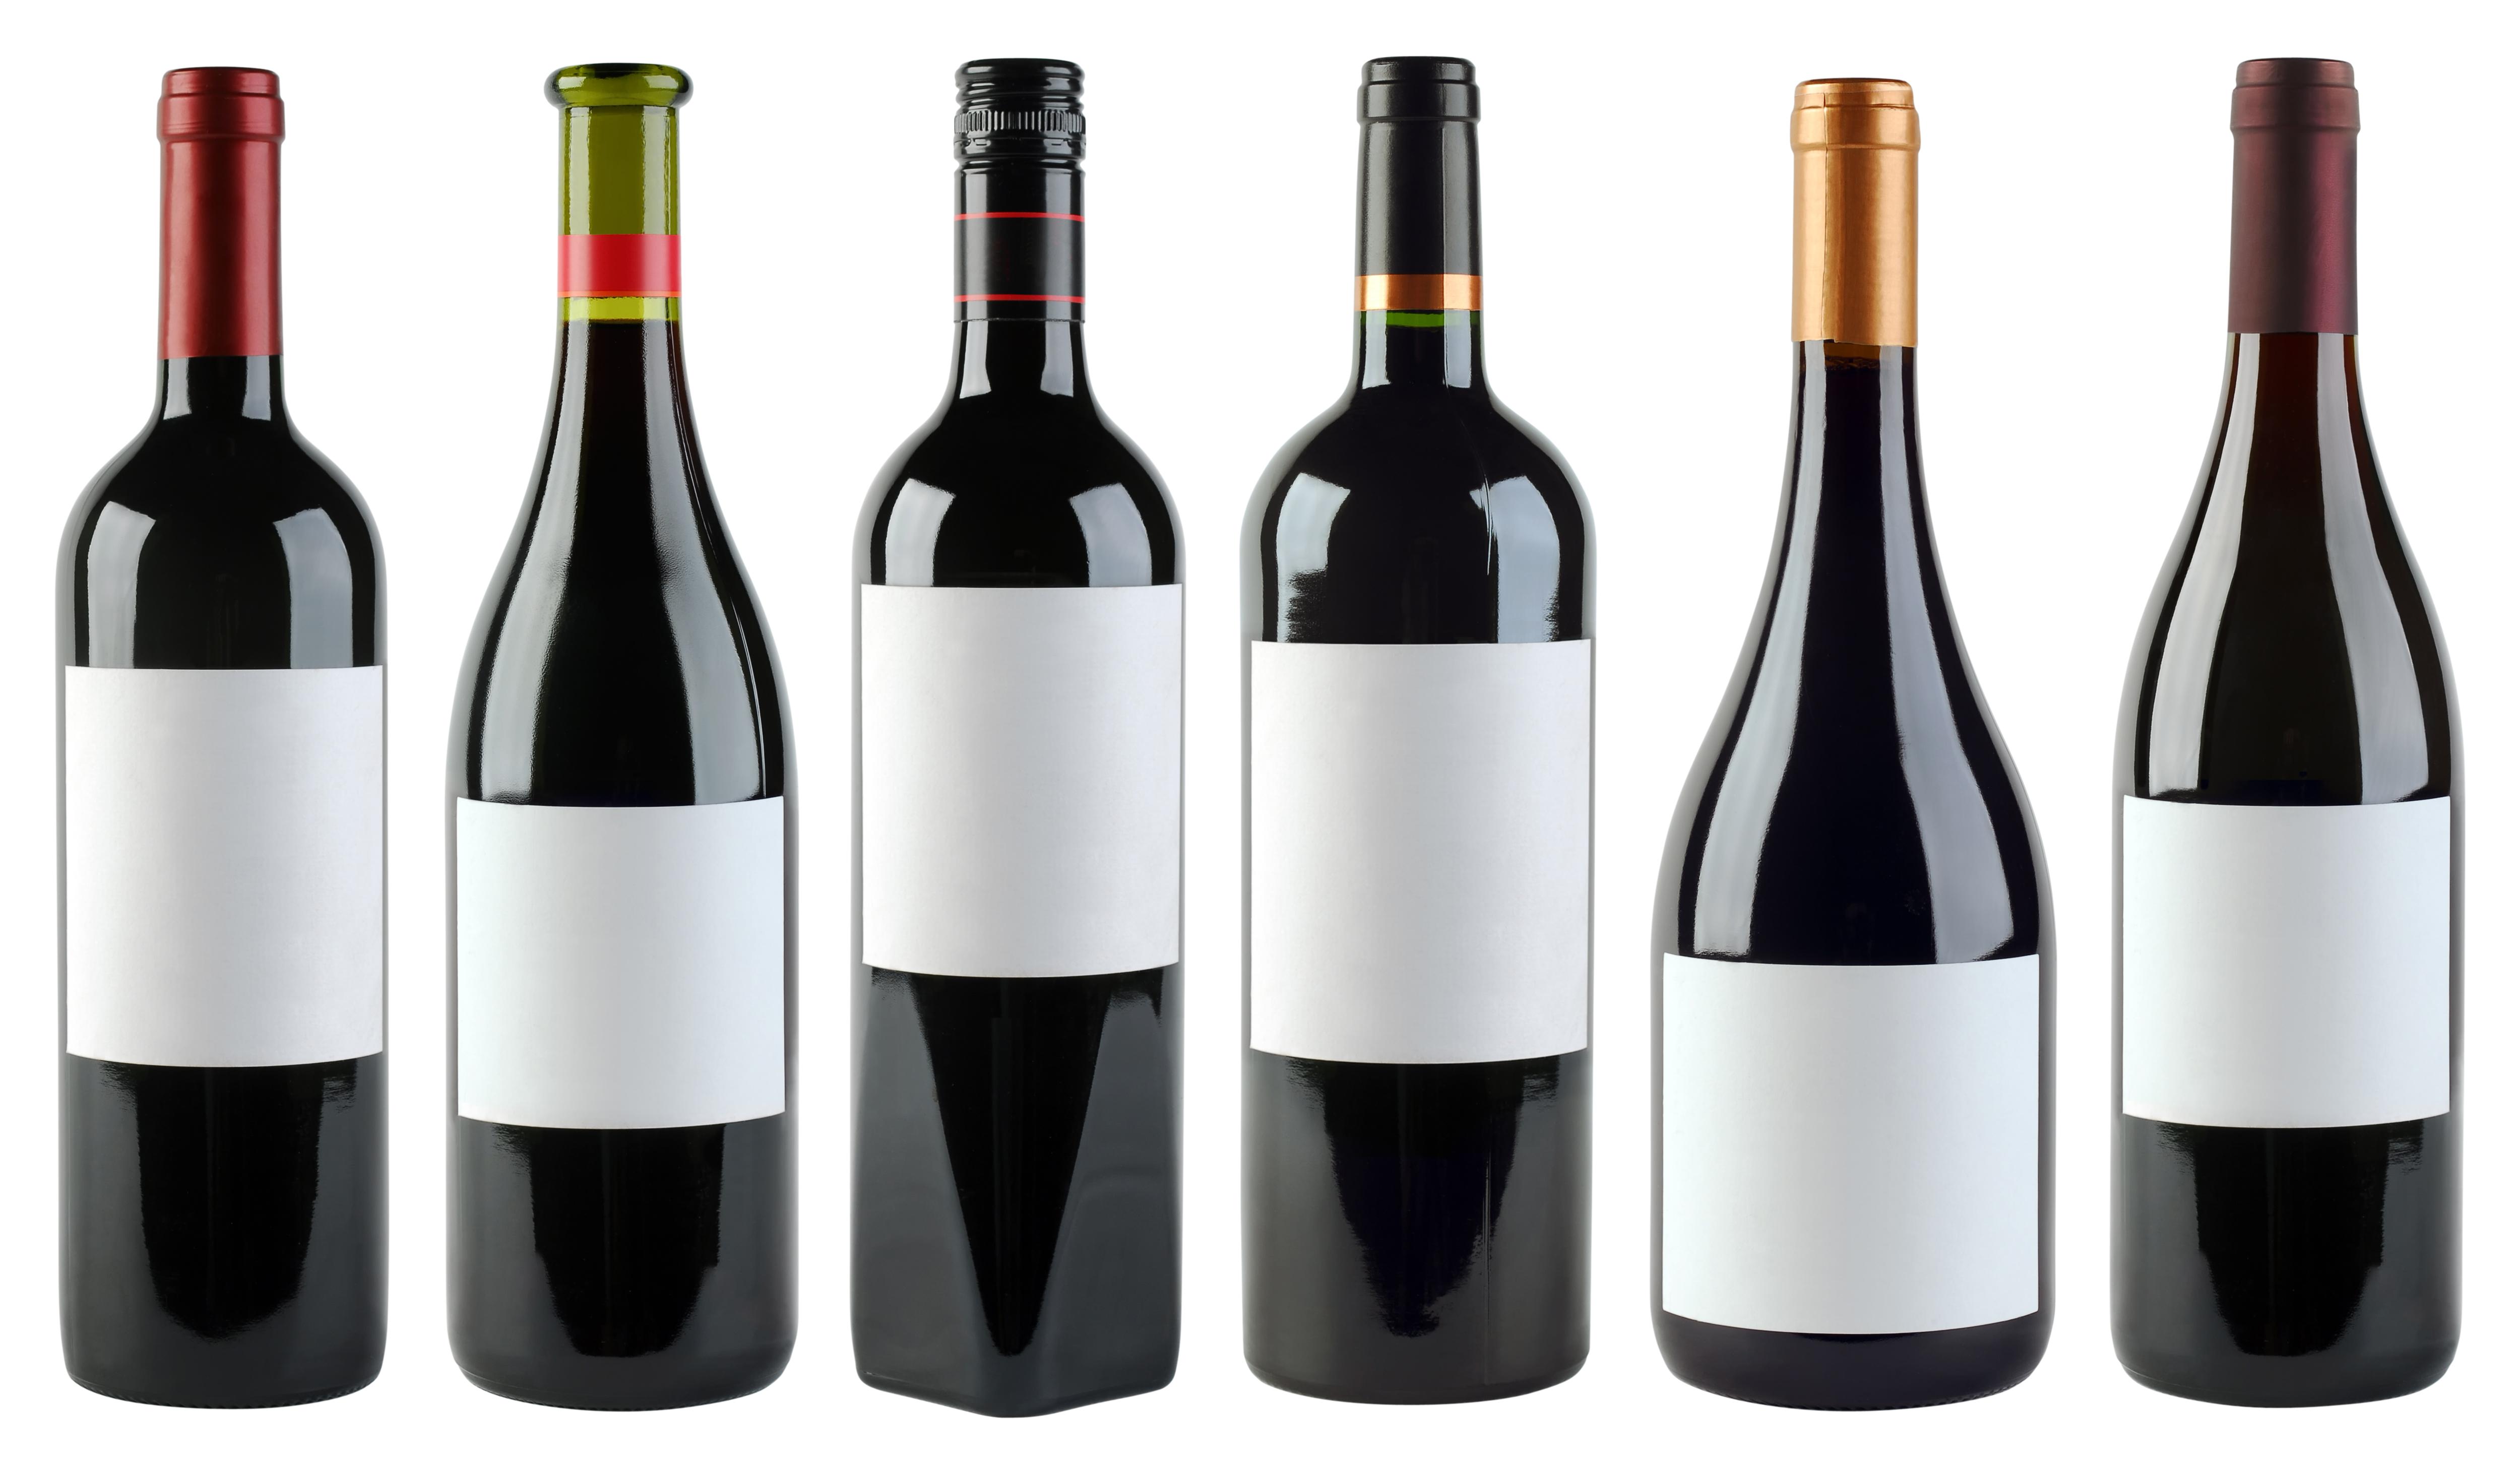 Wettbewerb-Wer-hat-die-besten-Weinkarten-Deutschlands-